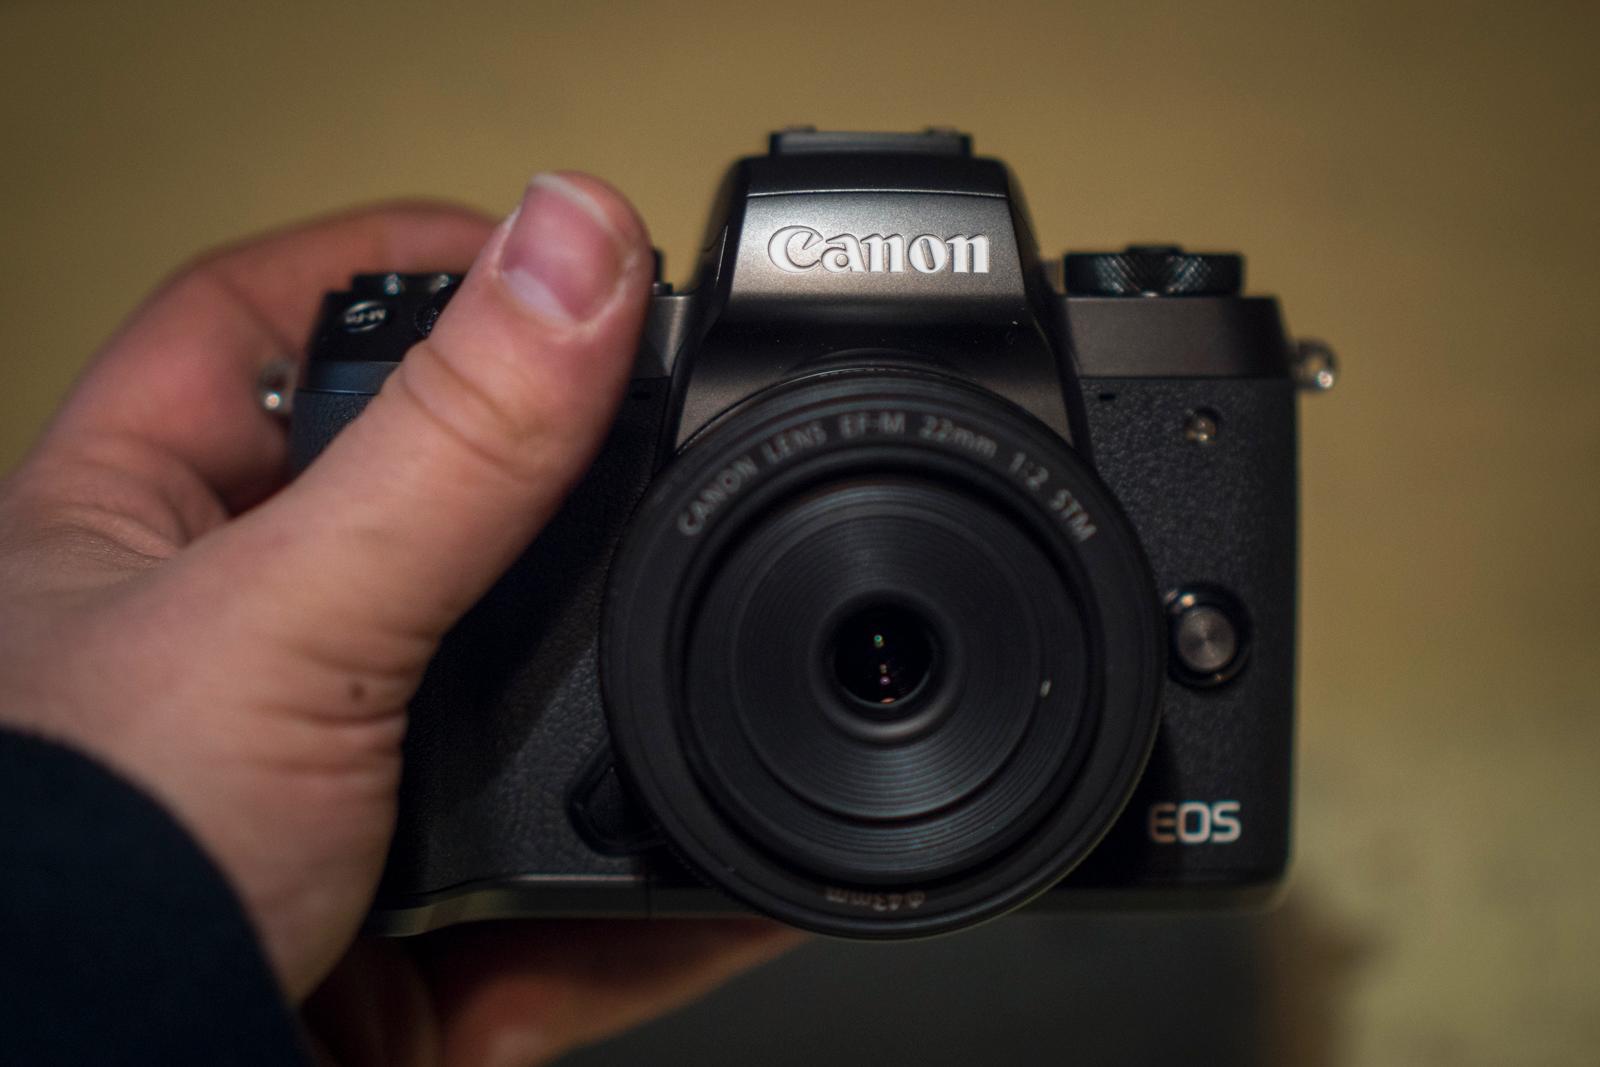 Med kompakt optikk er EOS M5 faktisk ikke veldig mye større enn kompaktkameraet GX 5, sjekk denne linken (Camerasize.com) for sammenligning..